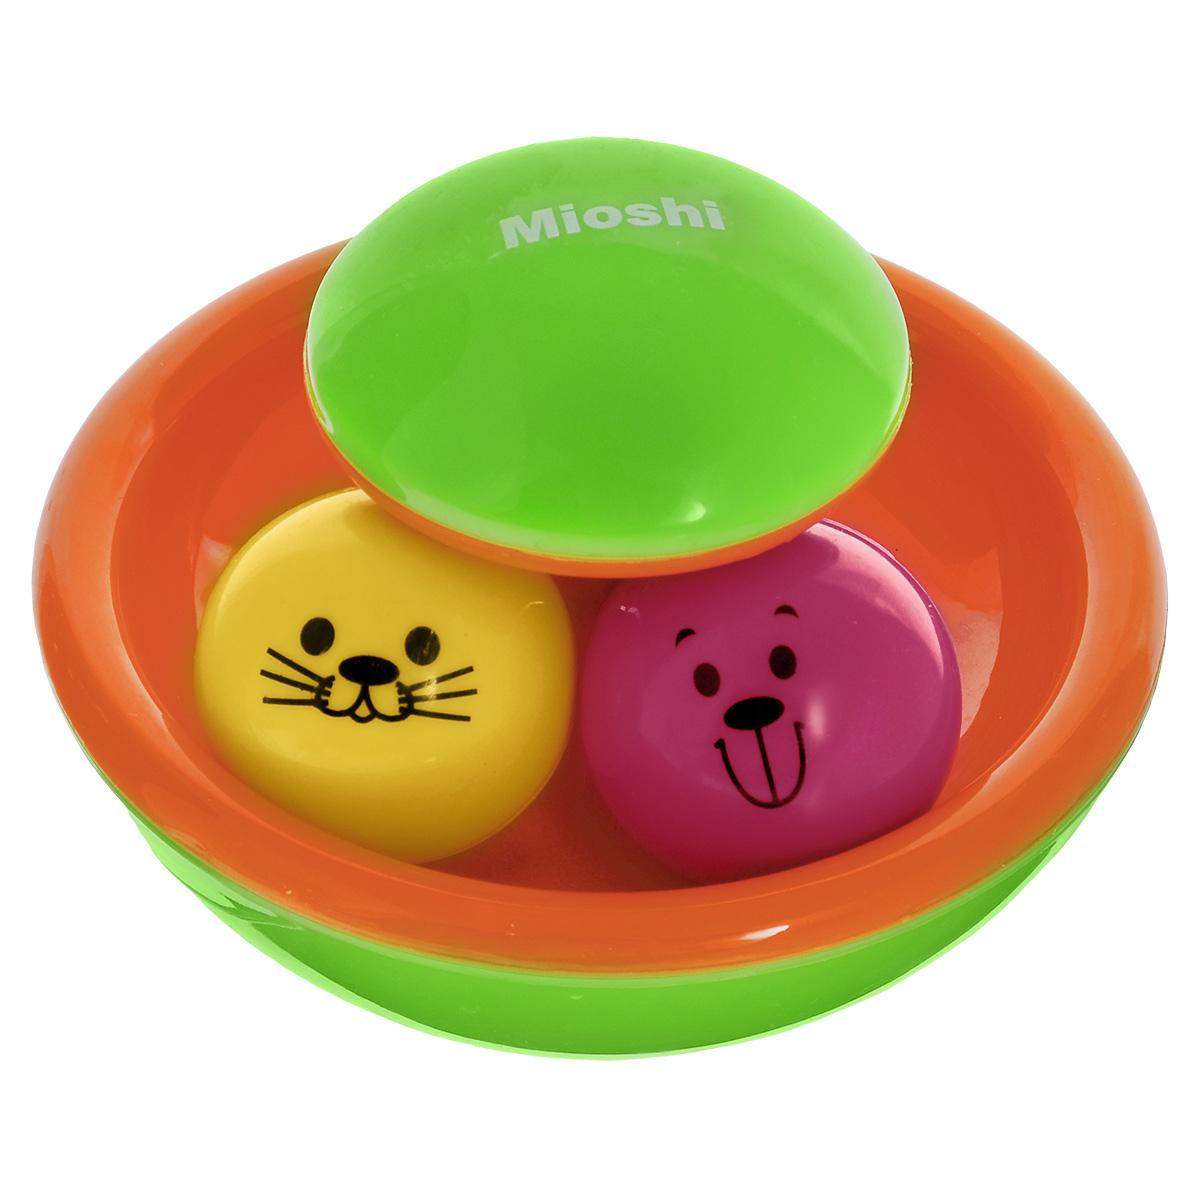 Погремушка Mioshi Неваляшка, цвет: оранжевый, зеленыйTY9032Яркая, разноцветная, приятная на ощупь погремушка Mioshi Неваляшка непременно станет любимой игрушкой вашей крохи! Дети в раннем возрасте всегда очень любознательны, они тщательно исследуют все, что попадает им в руки. Игрушки Mioshi созданы специально для малышей, которые только начинают познавать этот волшебный мир. Игра с неваляшкой способствует развитию мелкой моторики, восприятия формы и цвета предметов, а также слуха и зрения. Яркие шарики никогда не опрокинуться - это забавно и полезно для развития мышления и наблюдательности. неваляшка. Заботясь о здоровье и безопасности малышей, Mioshi выпускает только качественную продукцию, которая прошла сертификацию.